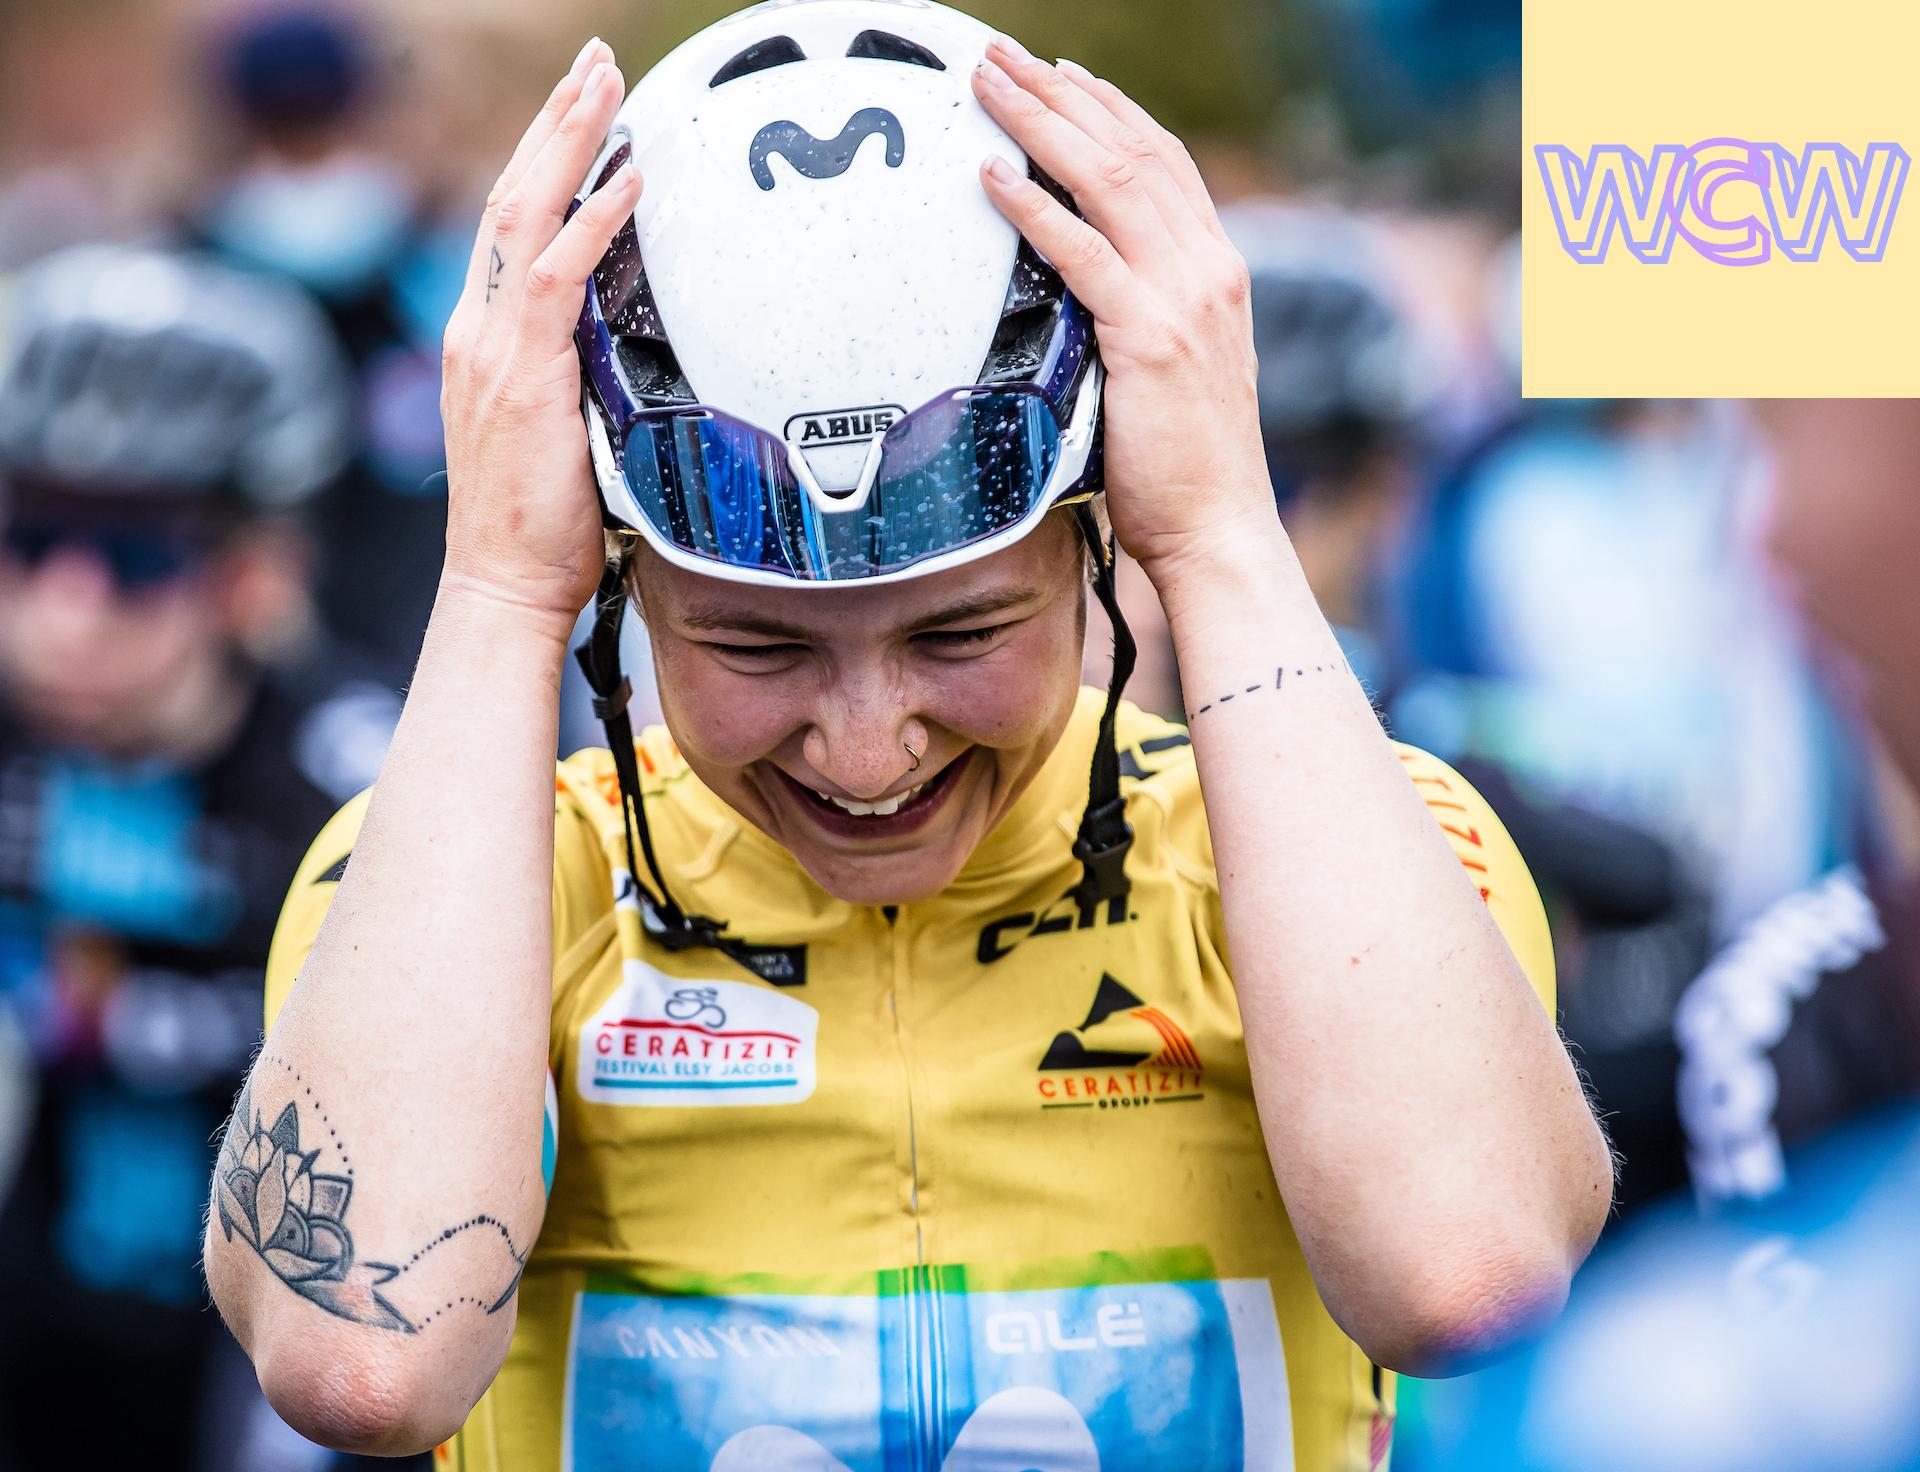 Cyclisme féminin hebdomadaire: numéro 24